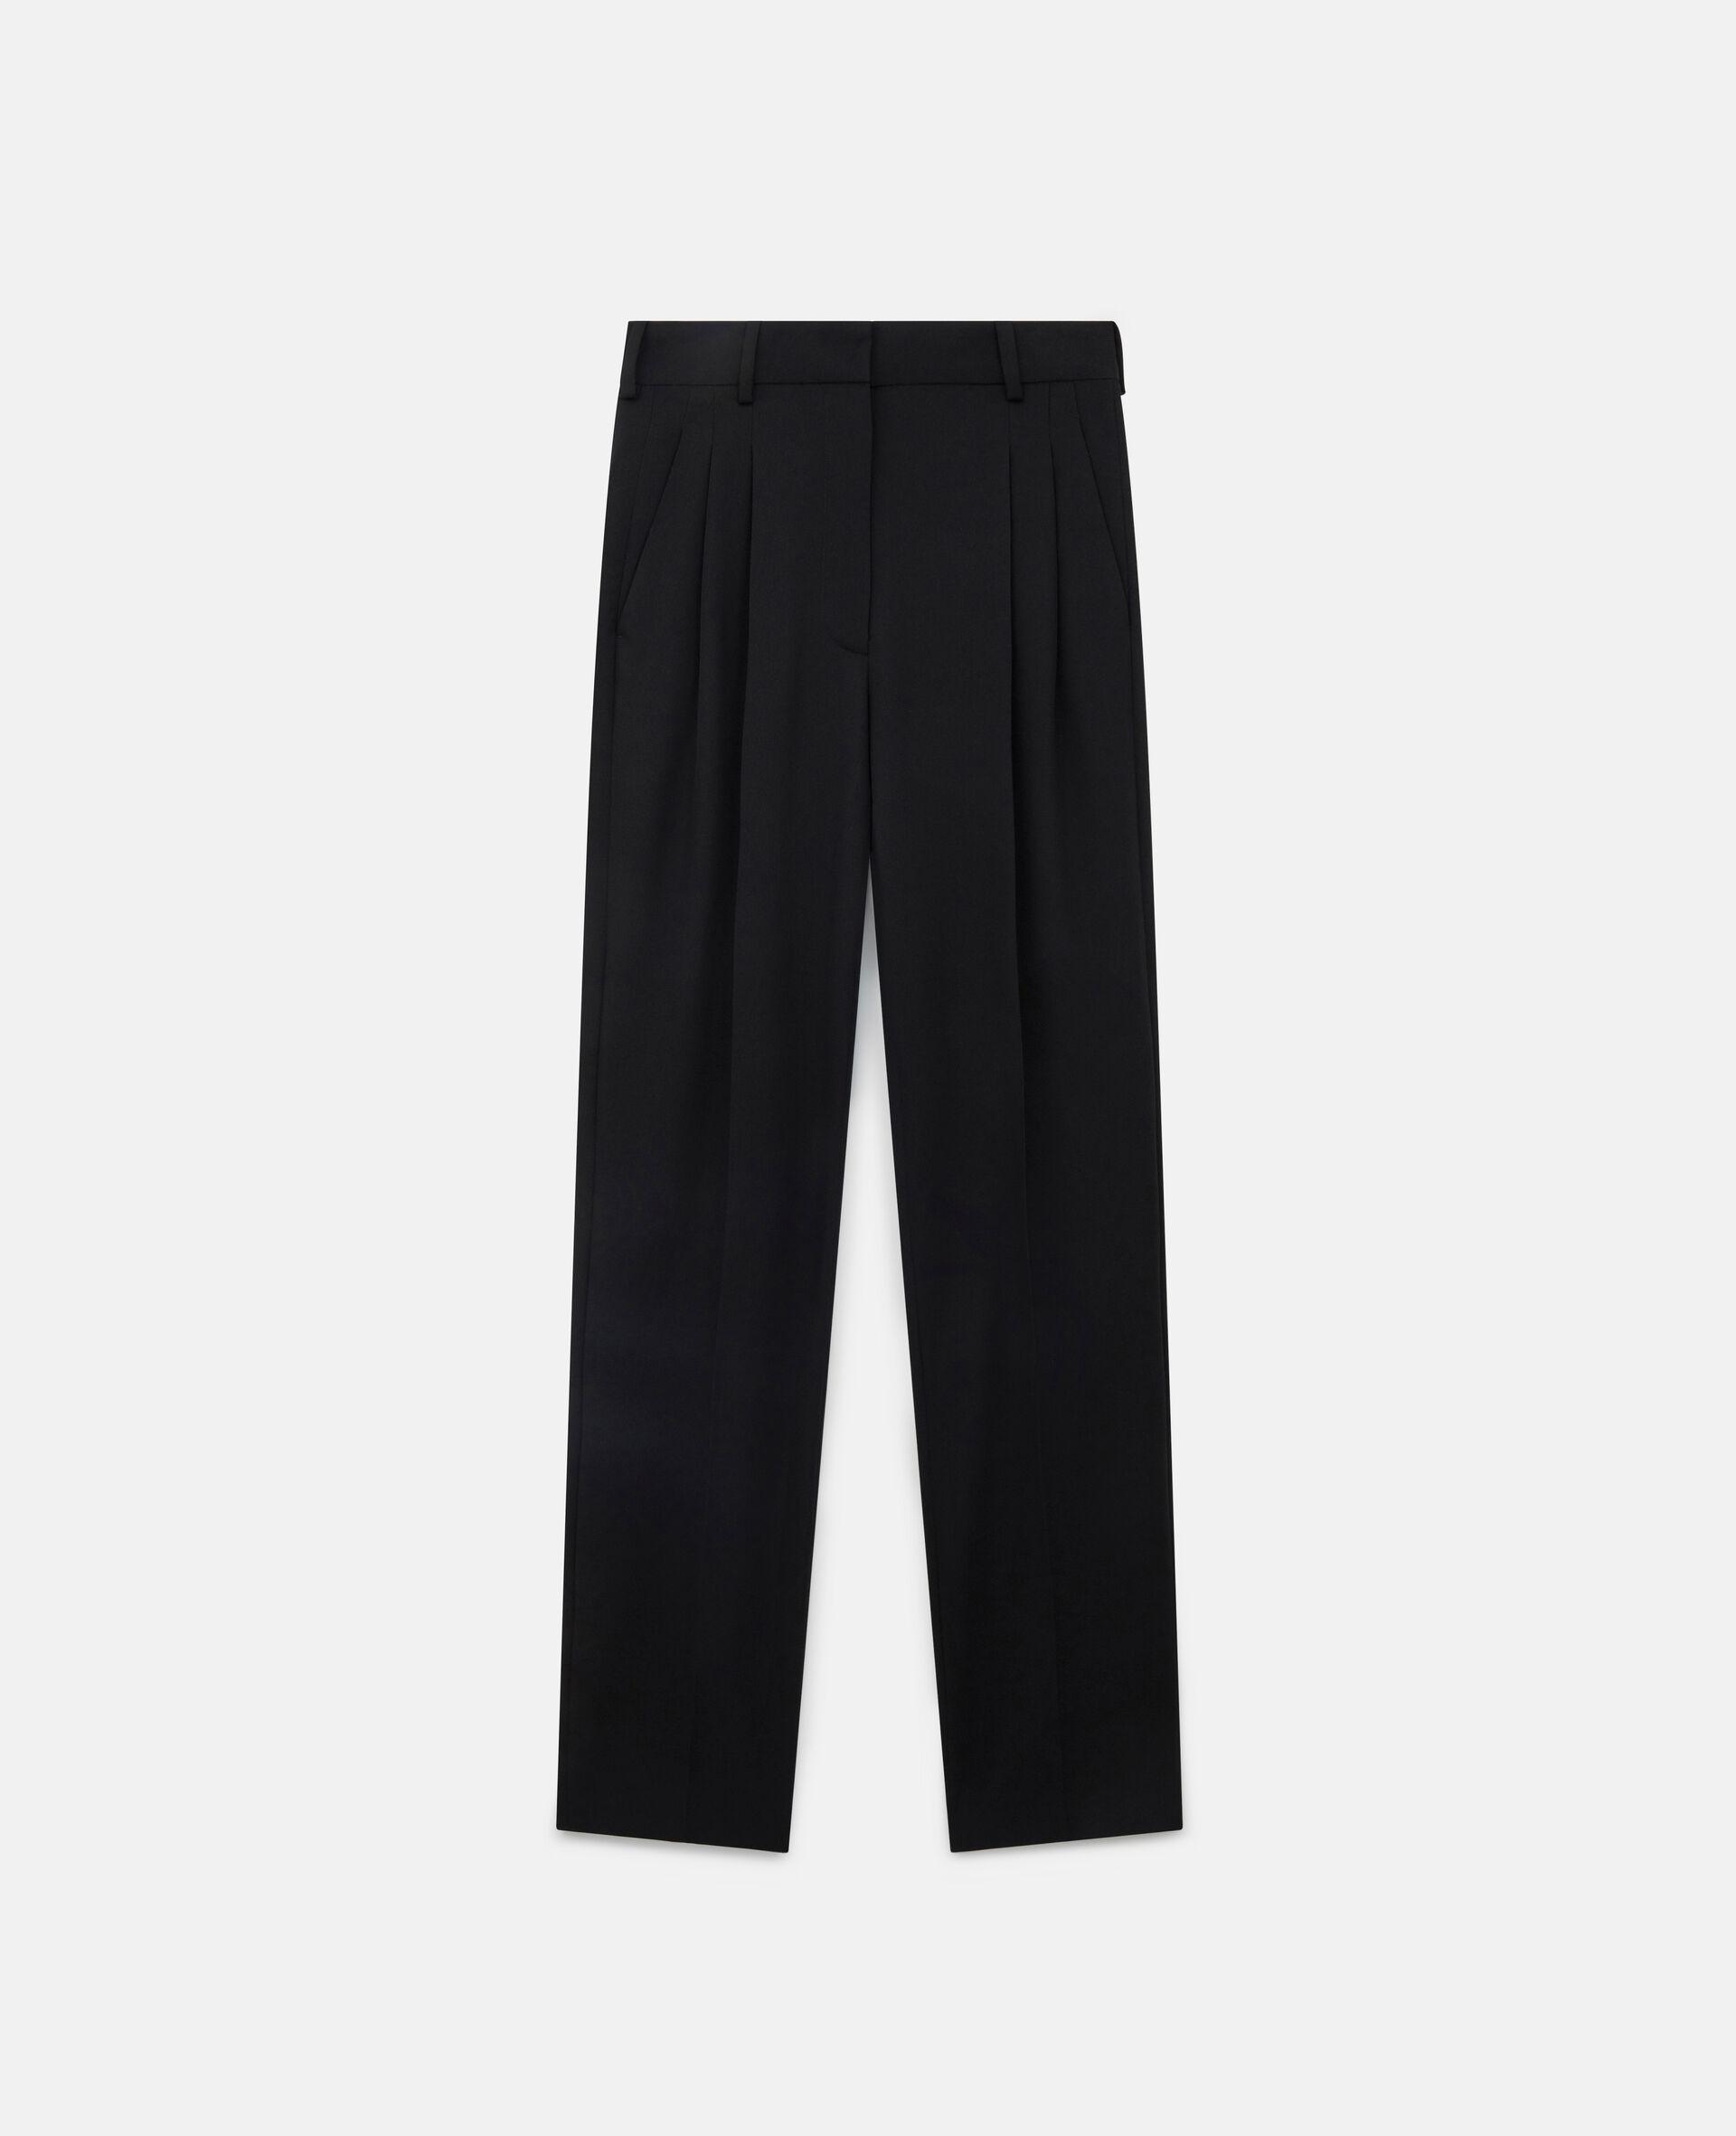 Lara Wool Trousers-Black-large image number 0